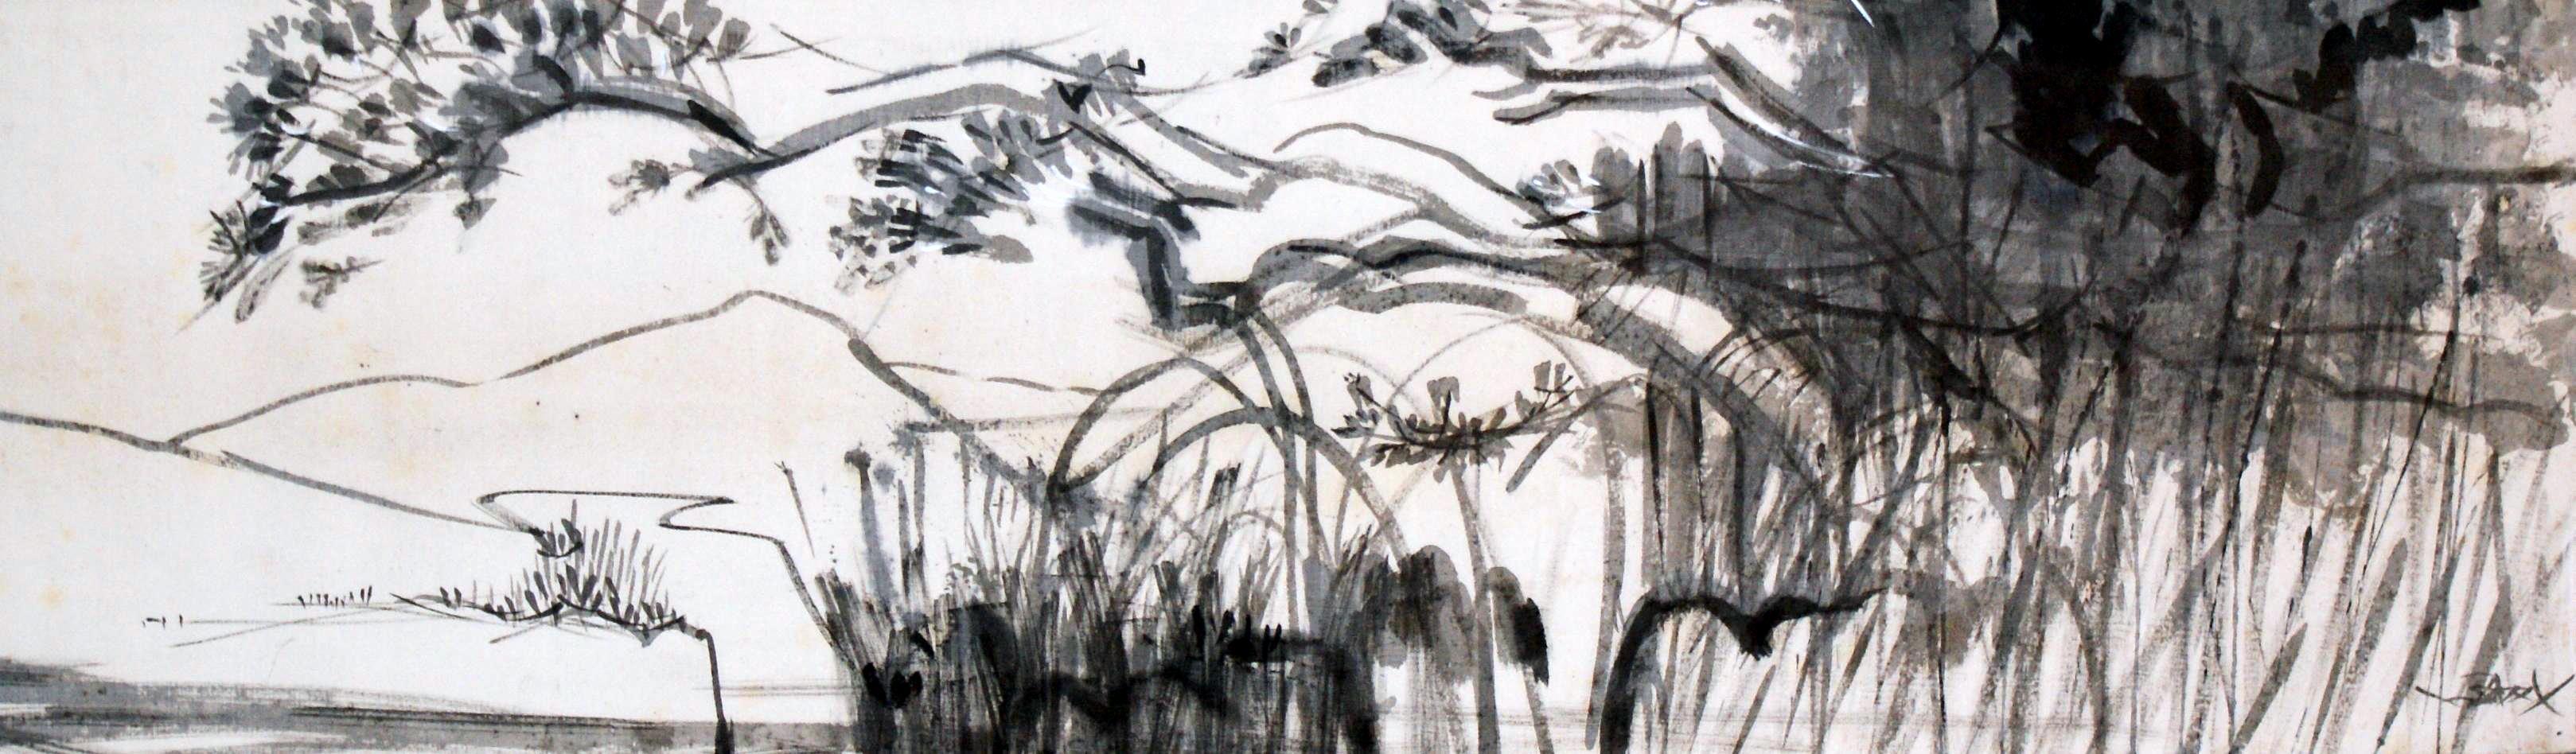 Au bord de l'étang 93x28